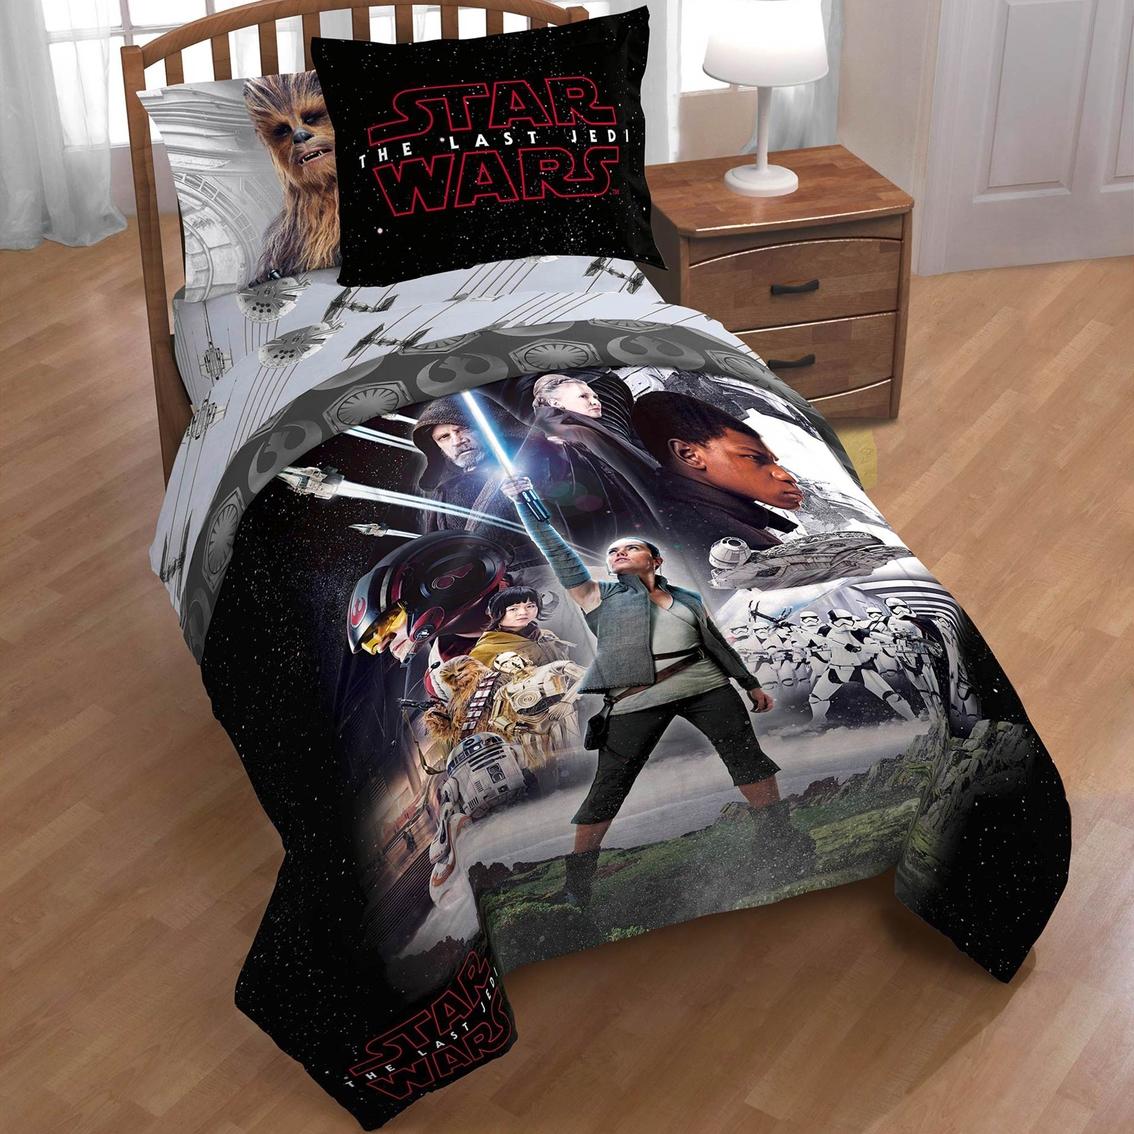 Fullsize Of Star Wars Comforter